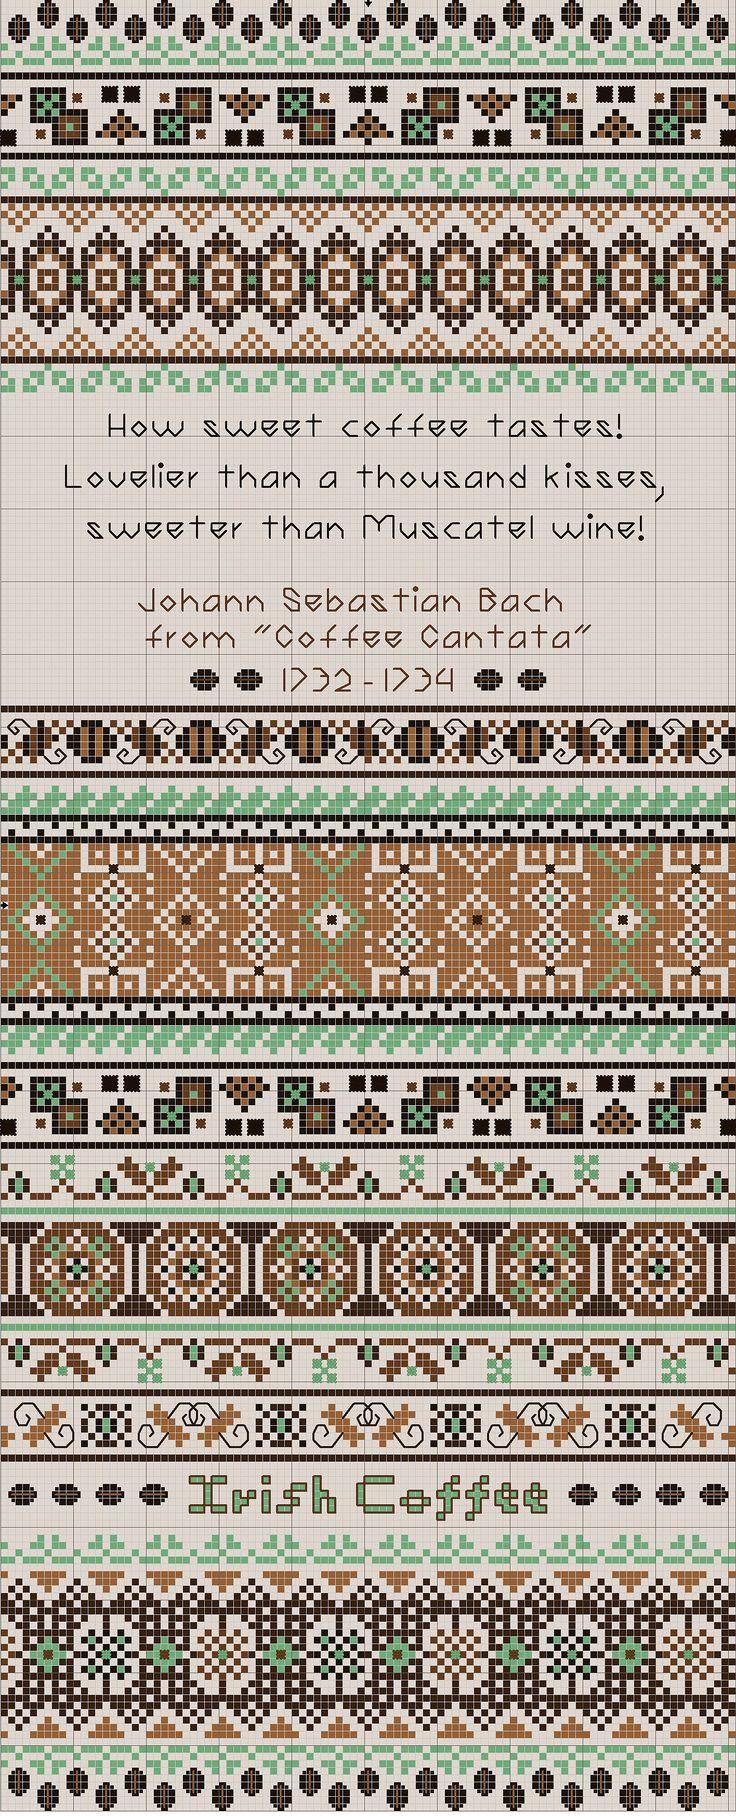 pic-irish-coffee-20123.jpg 1,416×3,495 pixels